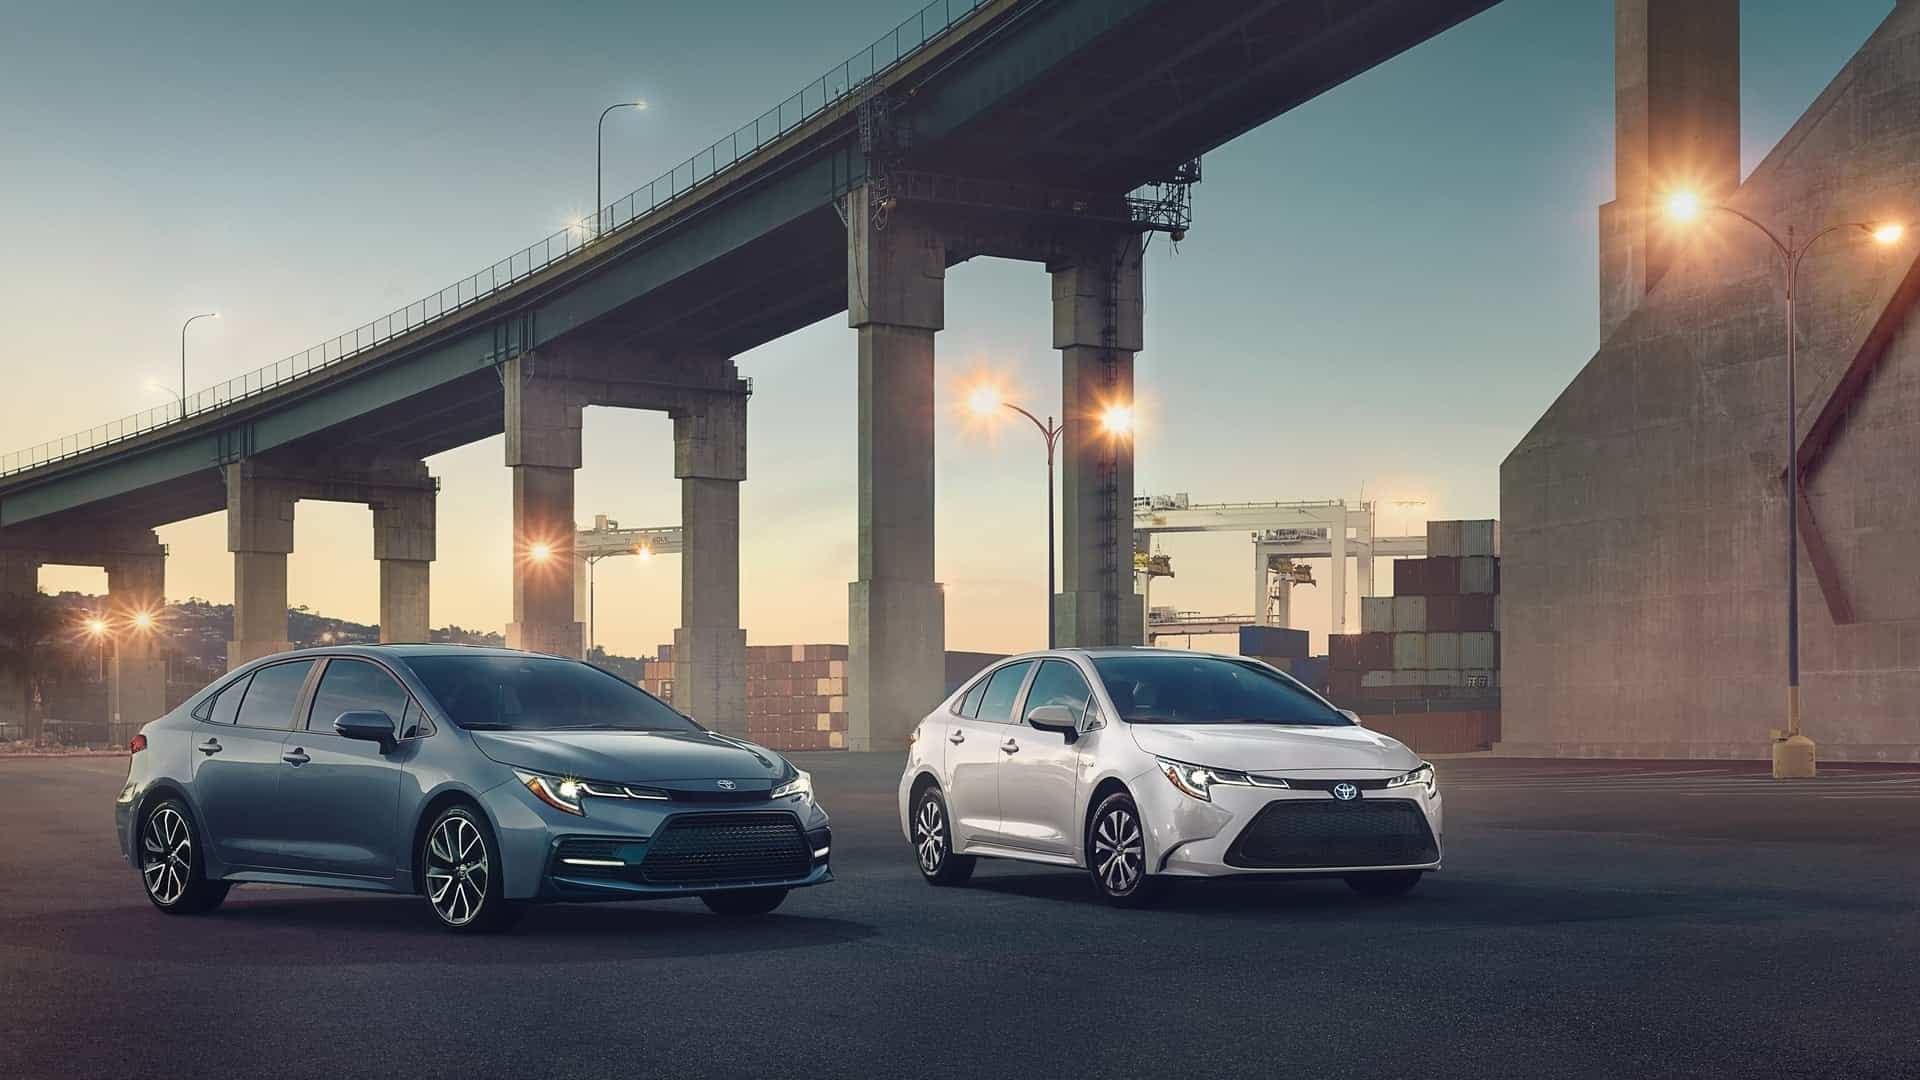 Buy, Lease, or Finance the 2020 Toyota Corolla near Bossier City LA